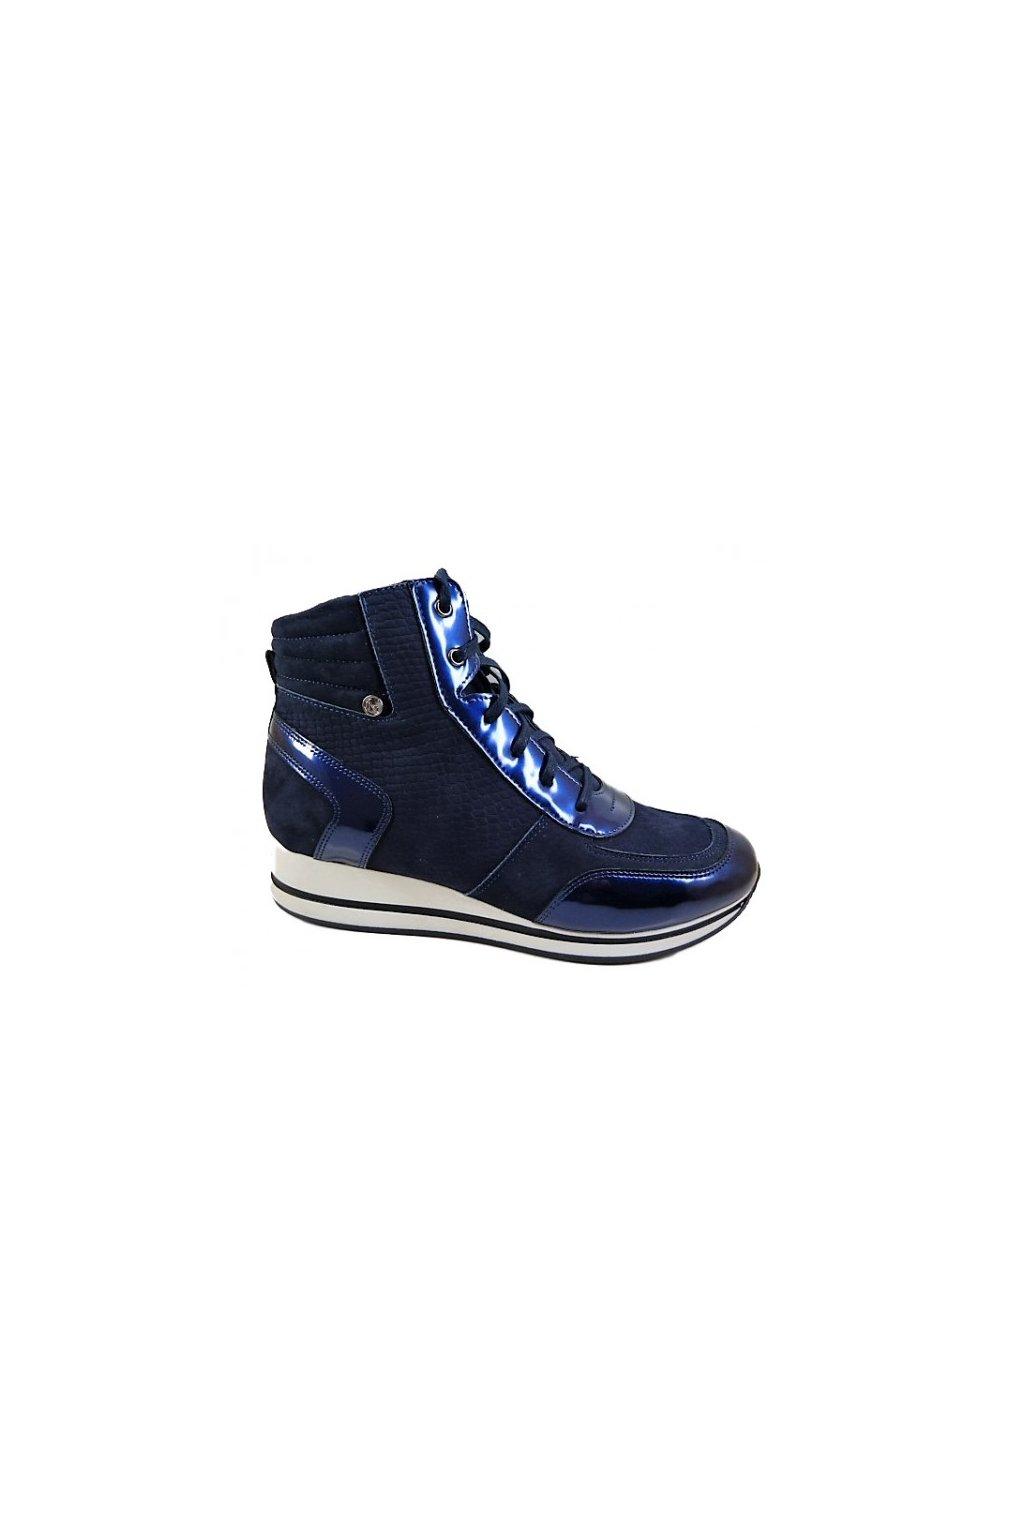 Nik 08-0396-004 modrá